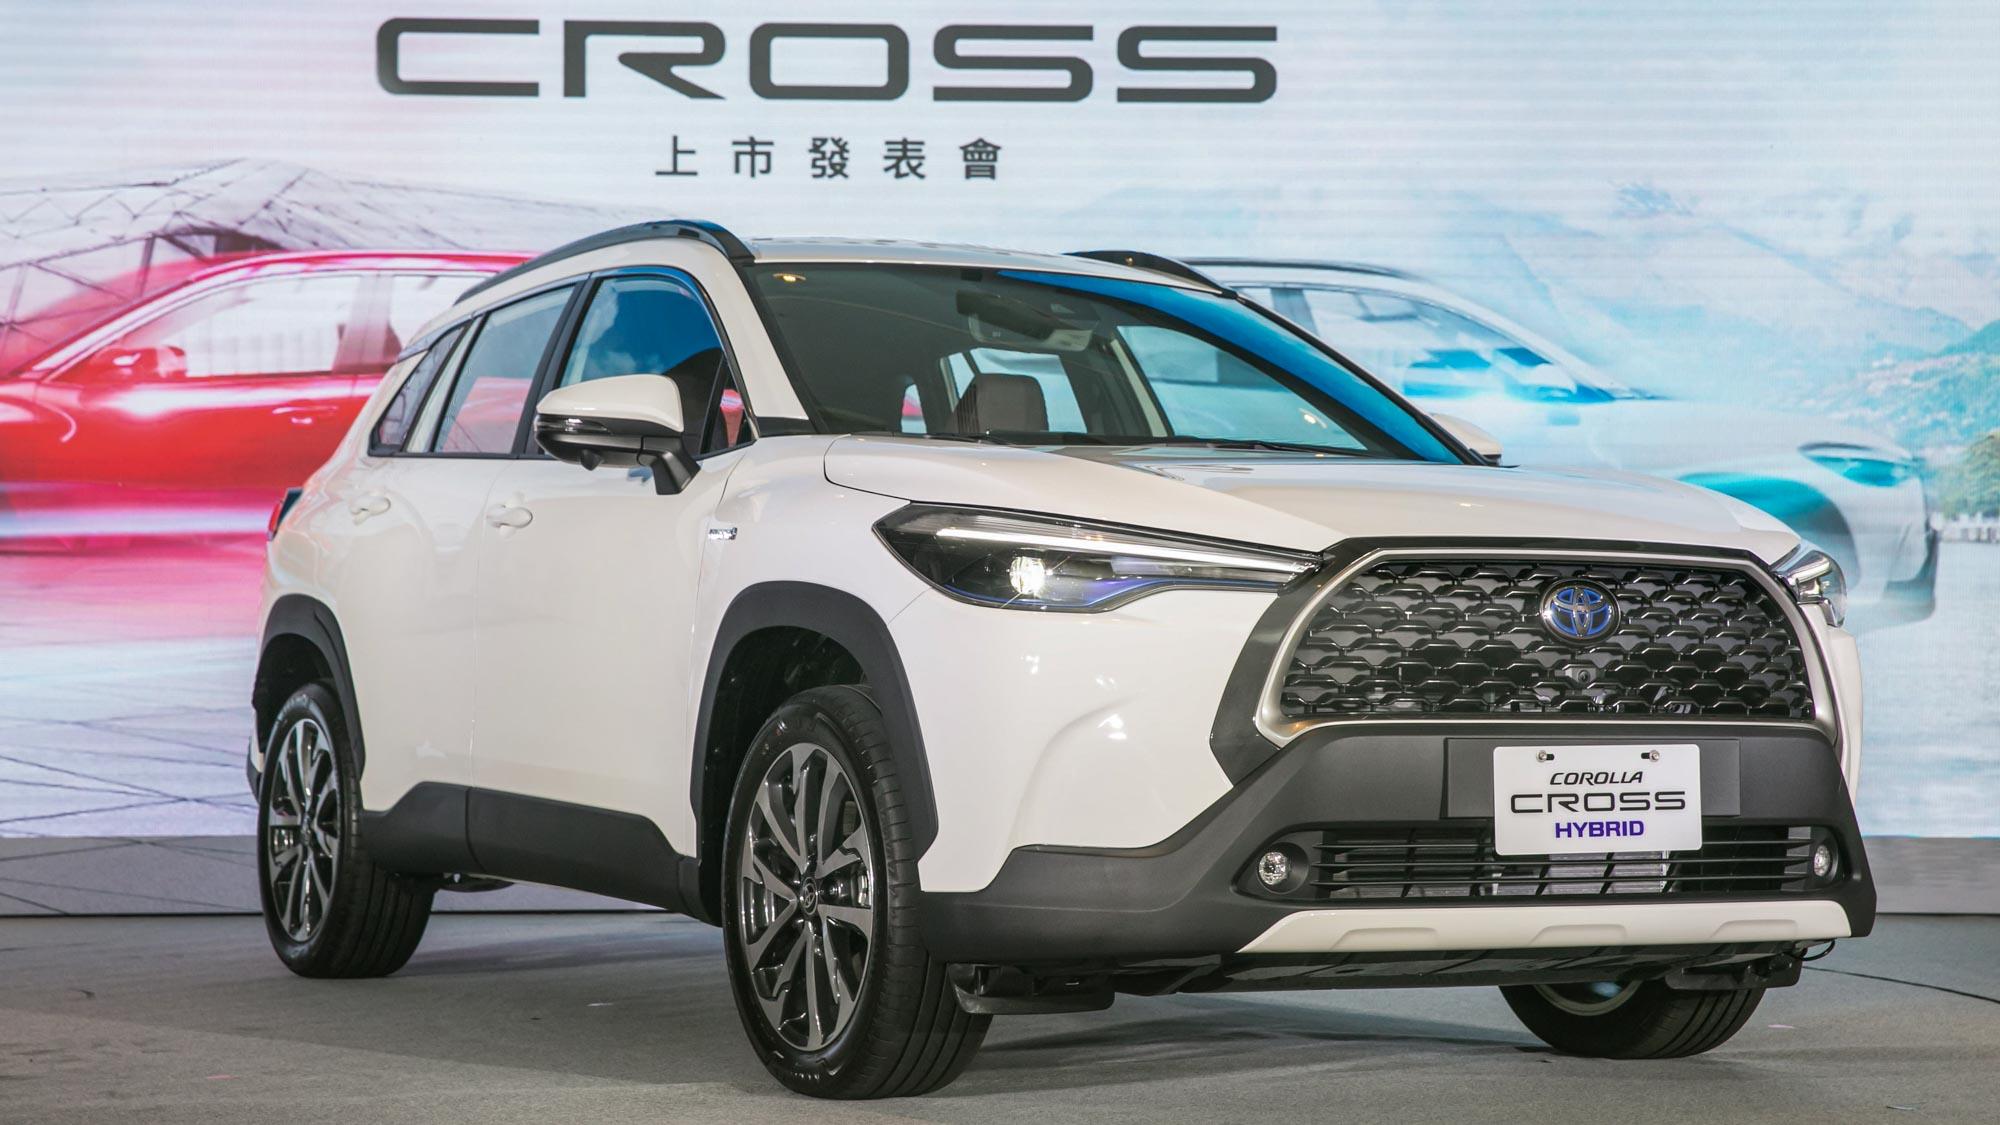 76.5 萬起!Toyota Corolla Cross 正式發表目標年銷四萬輛